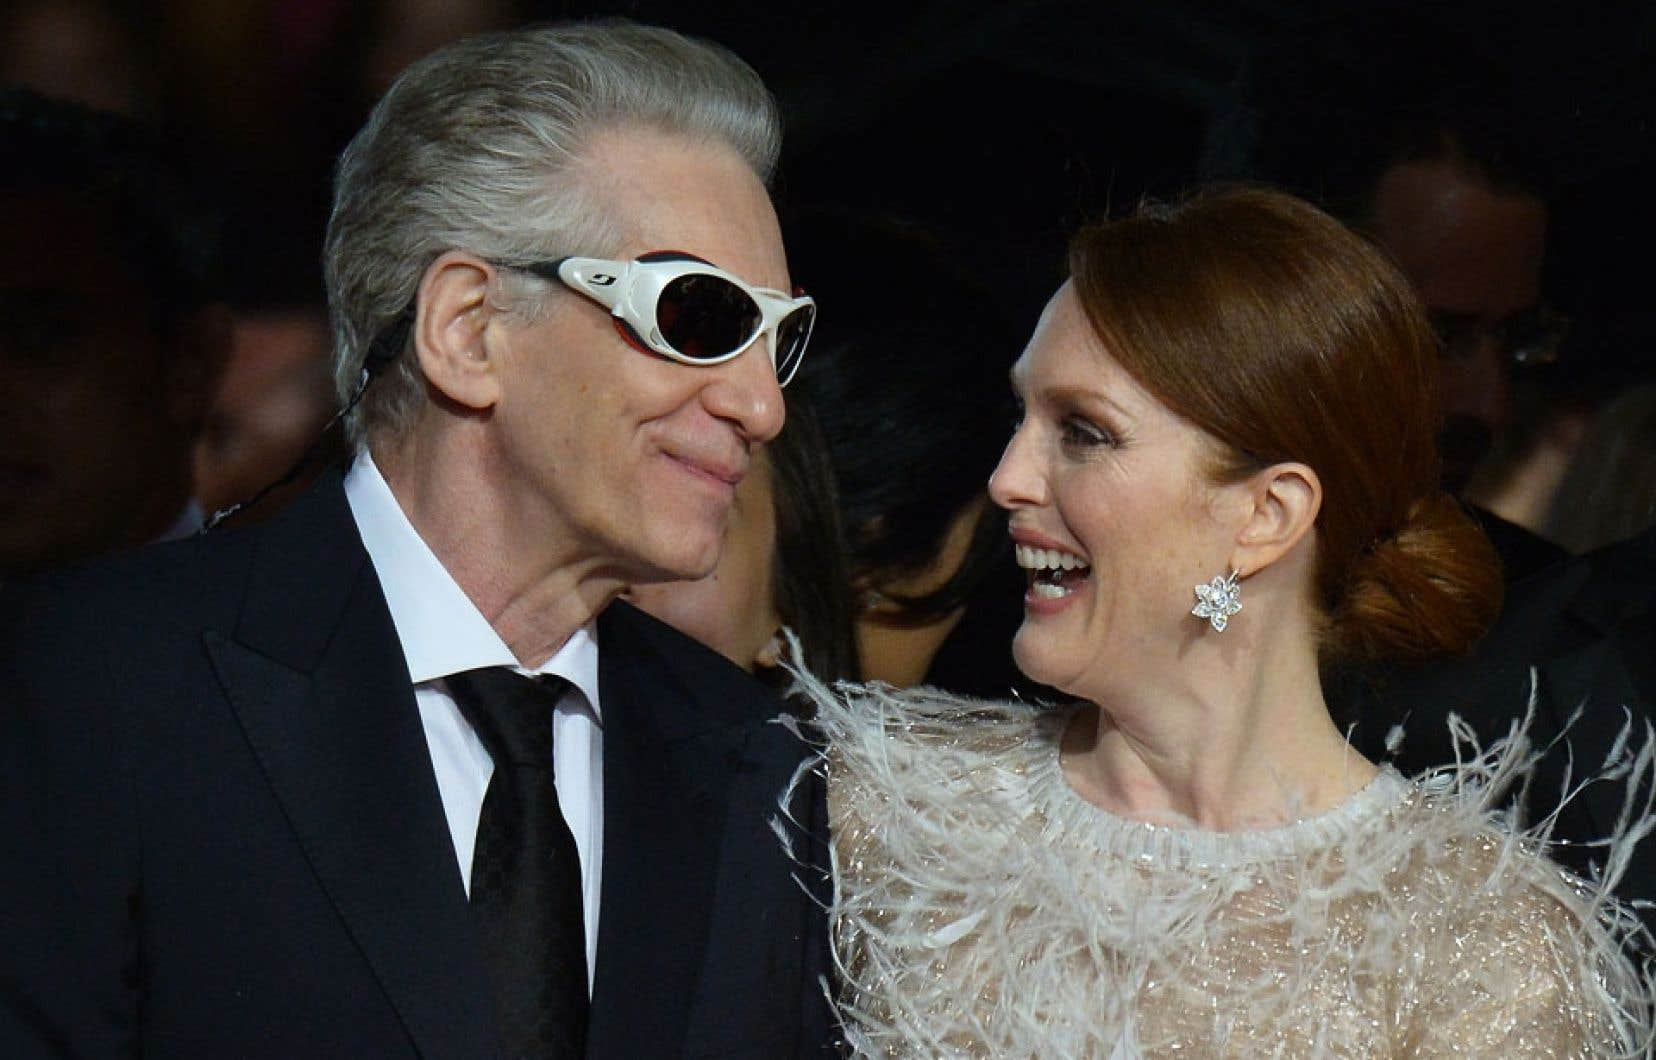 Le cinéaste canadien David Cronenberg et l'actrice Julianne Moore se rendant à la projection de Maps to the Stars, au Festival de Cannes lundi.